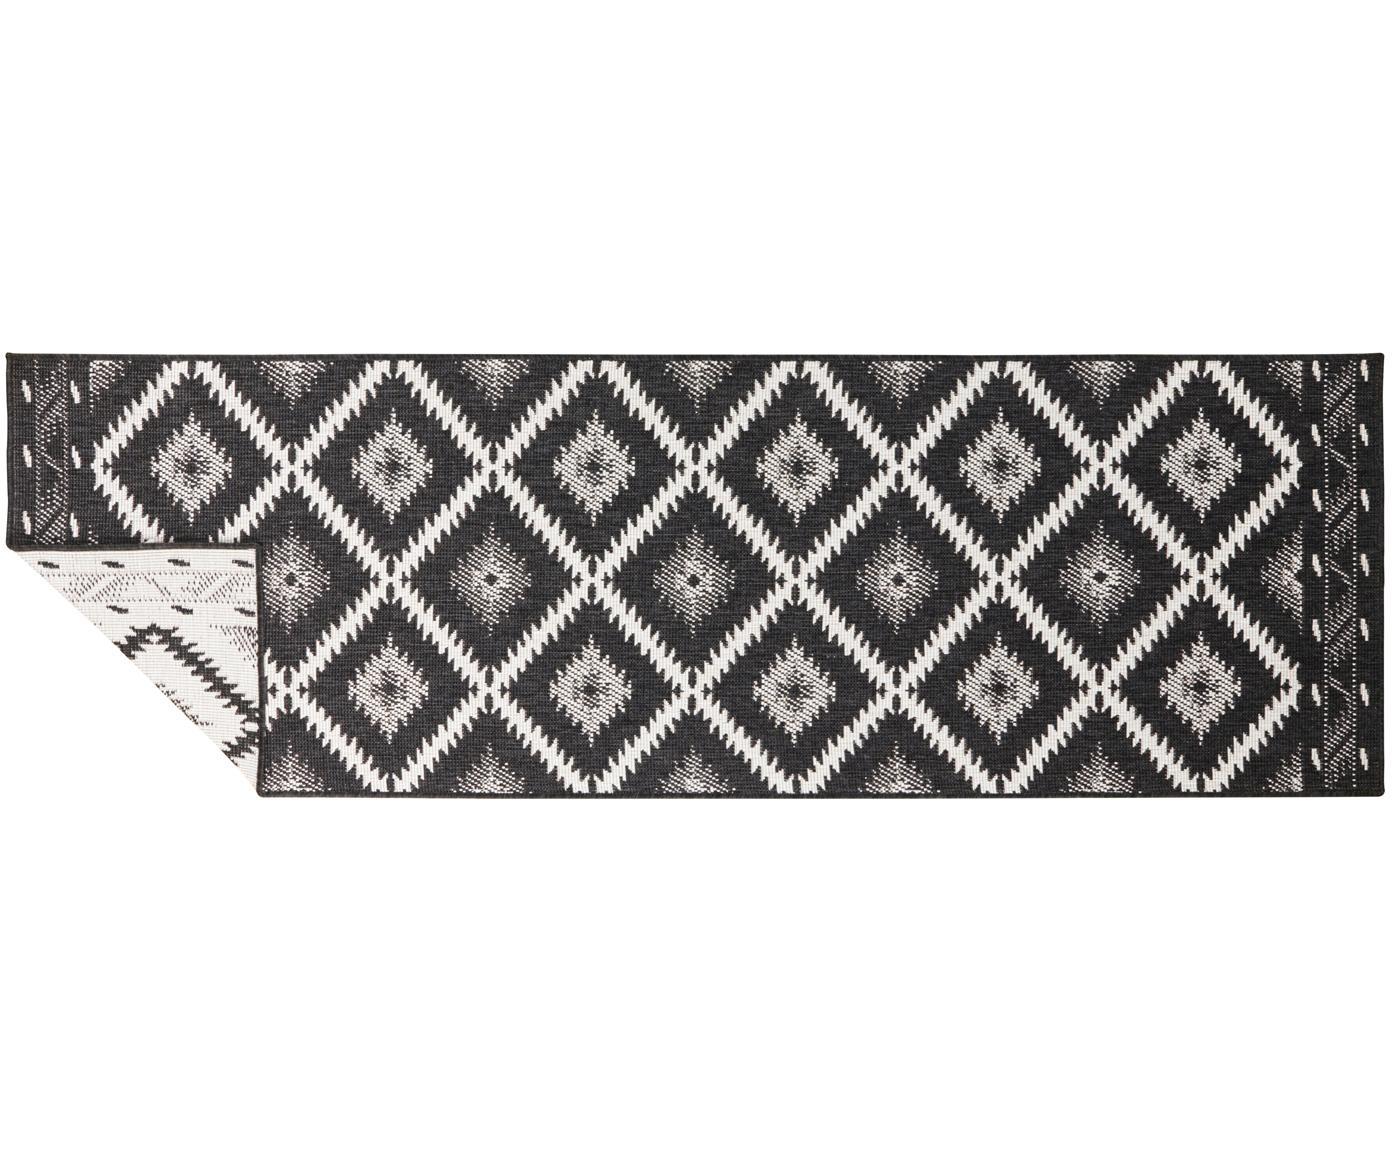 In- und Outdoor-Wendeläufer Malibu in Schwarz/Creme, Schwarz, Creme, 80 x 250 cm